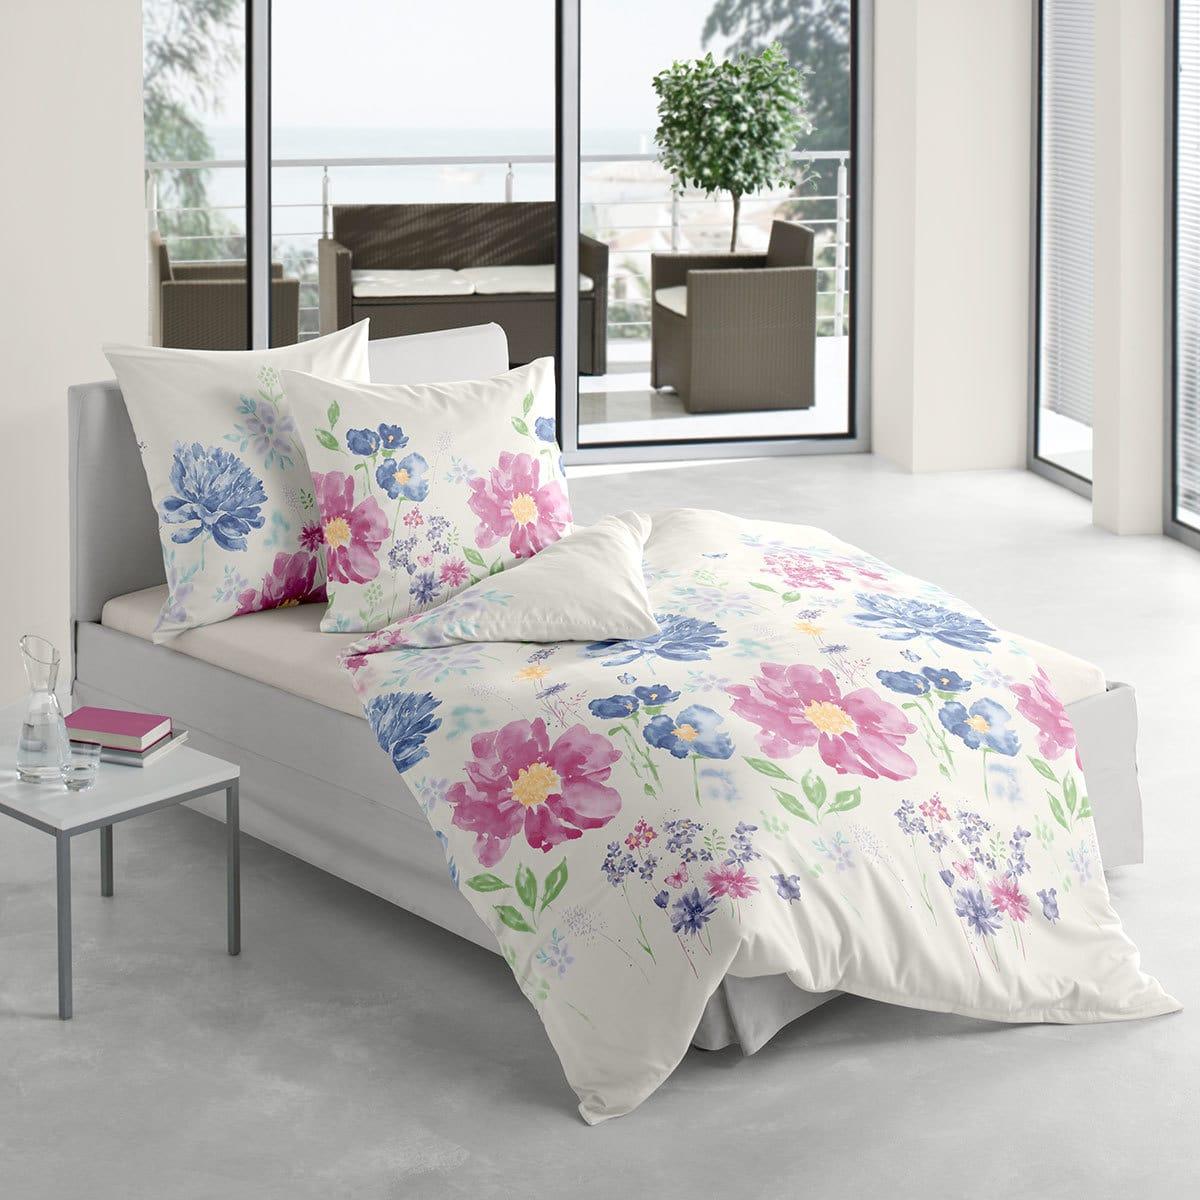 biber bettw sche eule preisvergleich die besten angebote online kaufen. Black Bedroom Furniture Sets. Home Design Ideas